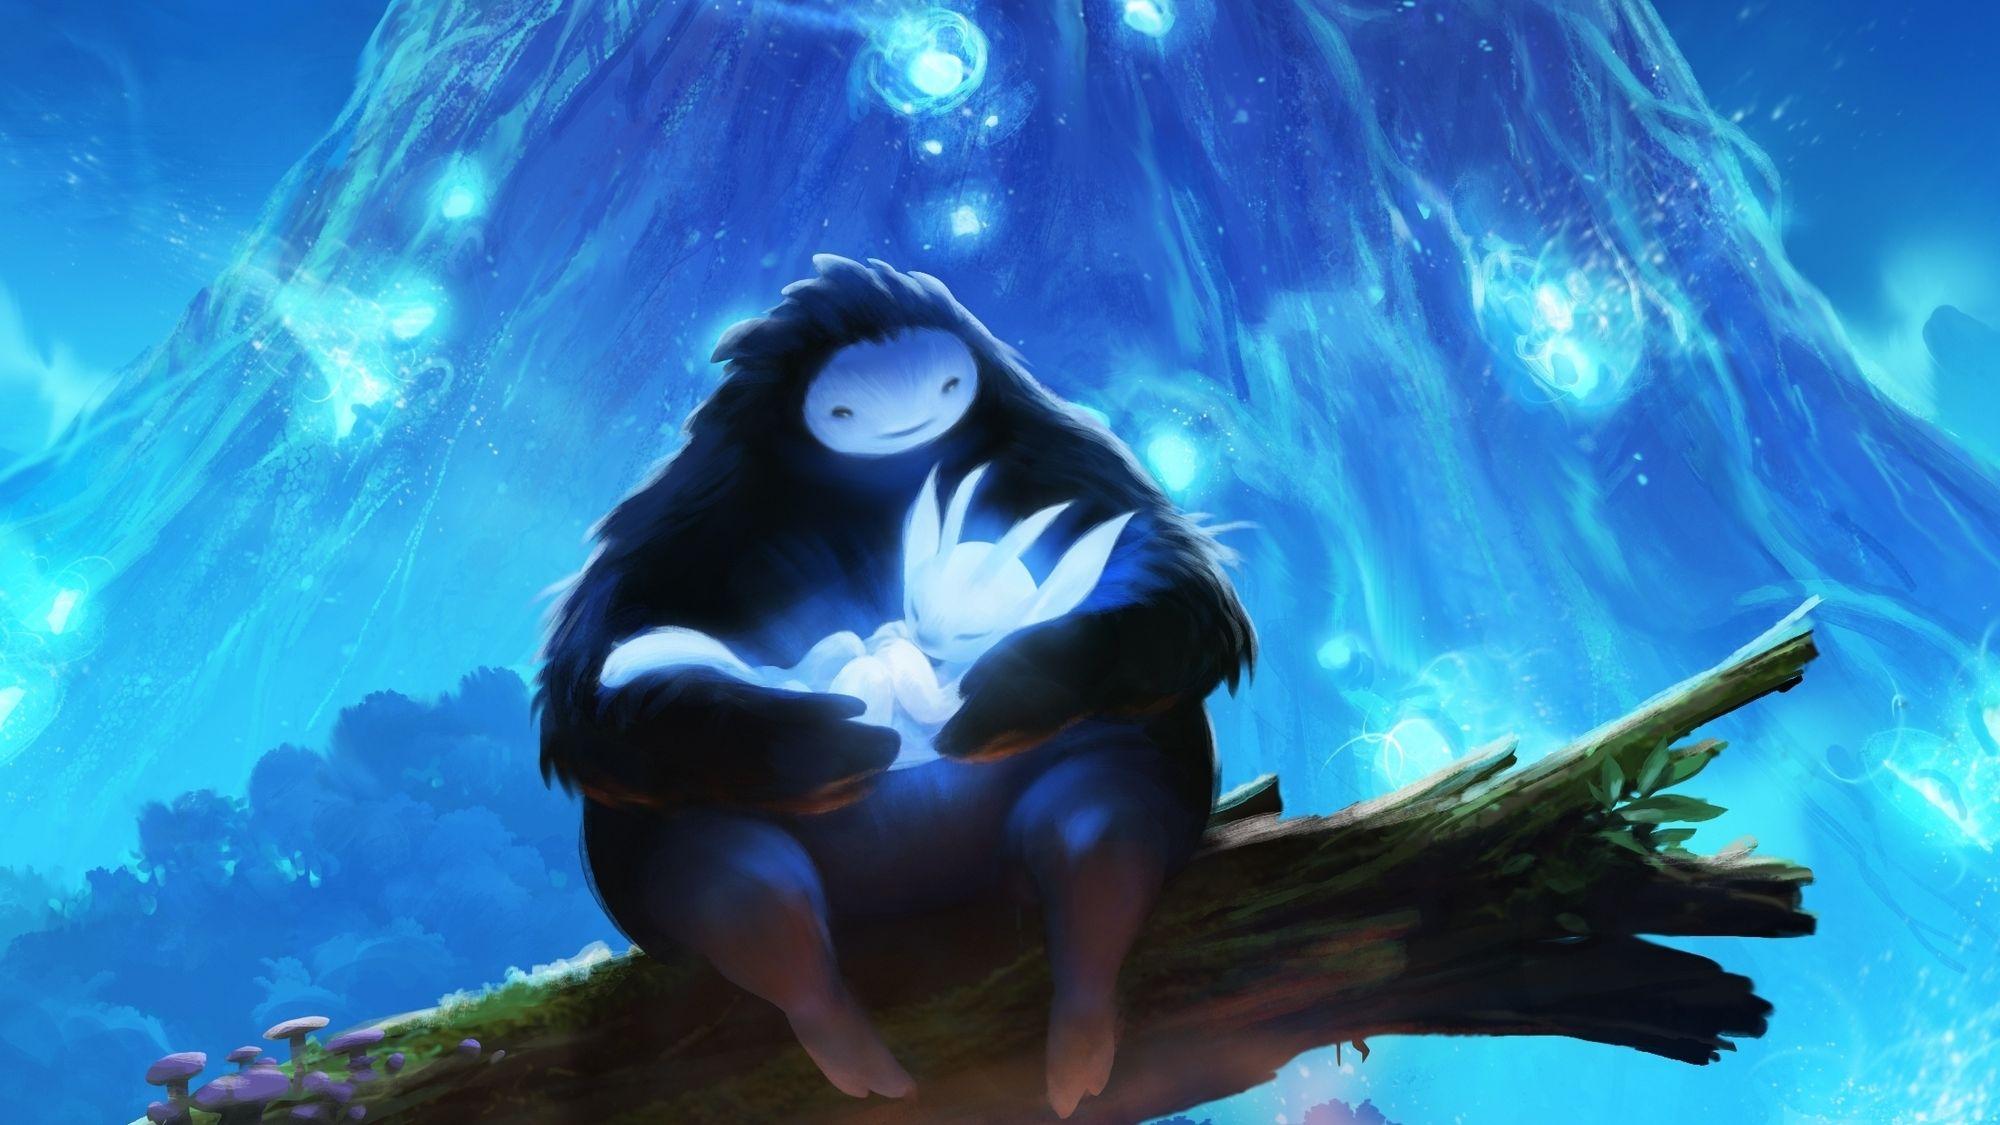 Les Vakkert indiespel utsett til neste år